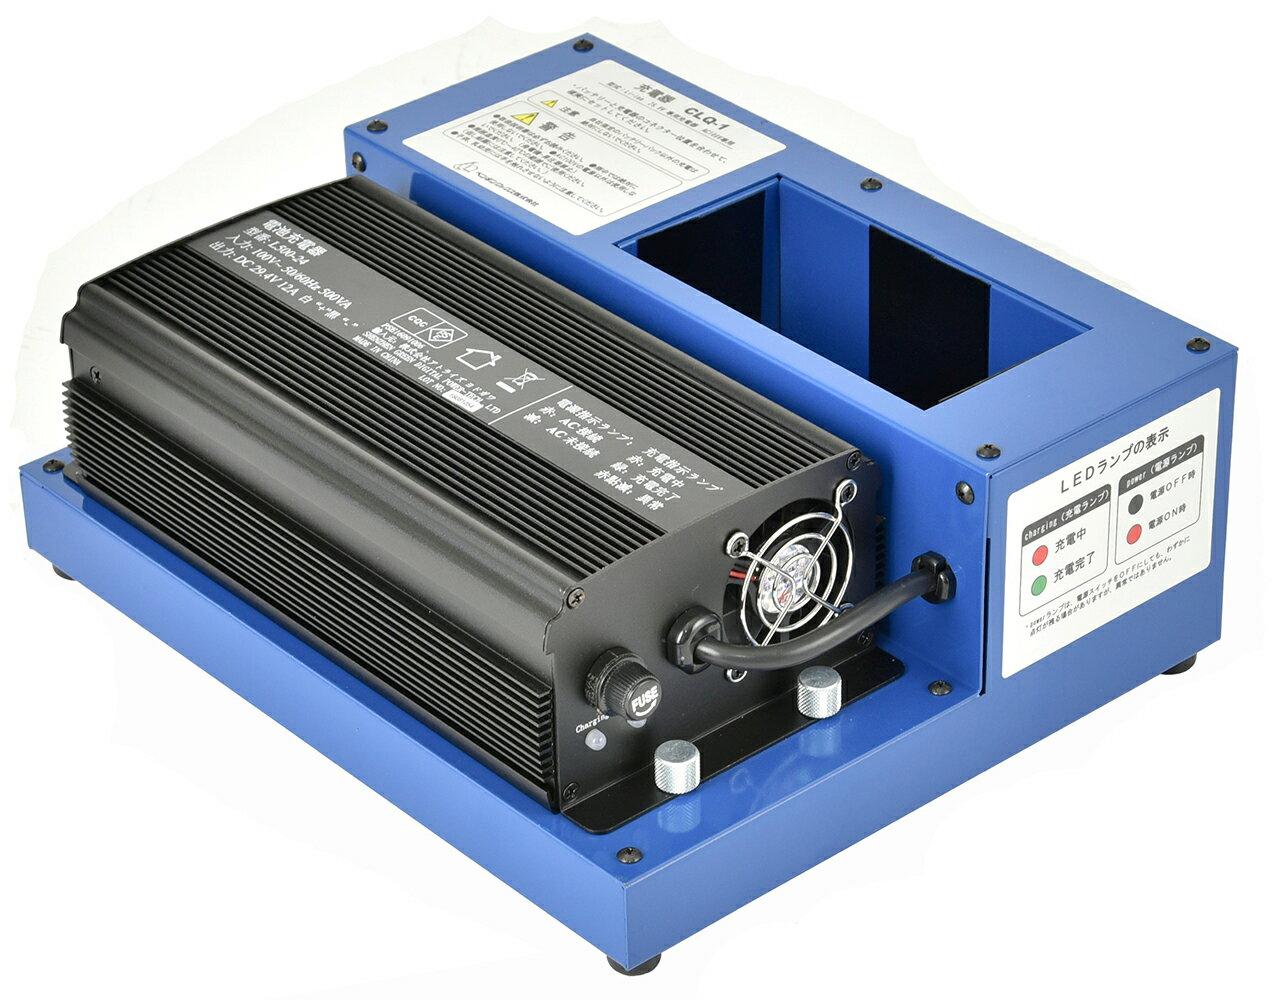 ペンギン CLQ-1 1台充電器(LV925・LV14専用充電器)急速充電タイプ【業務用 コードレスシリーズ用】 ペンギンワックス